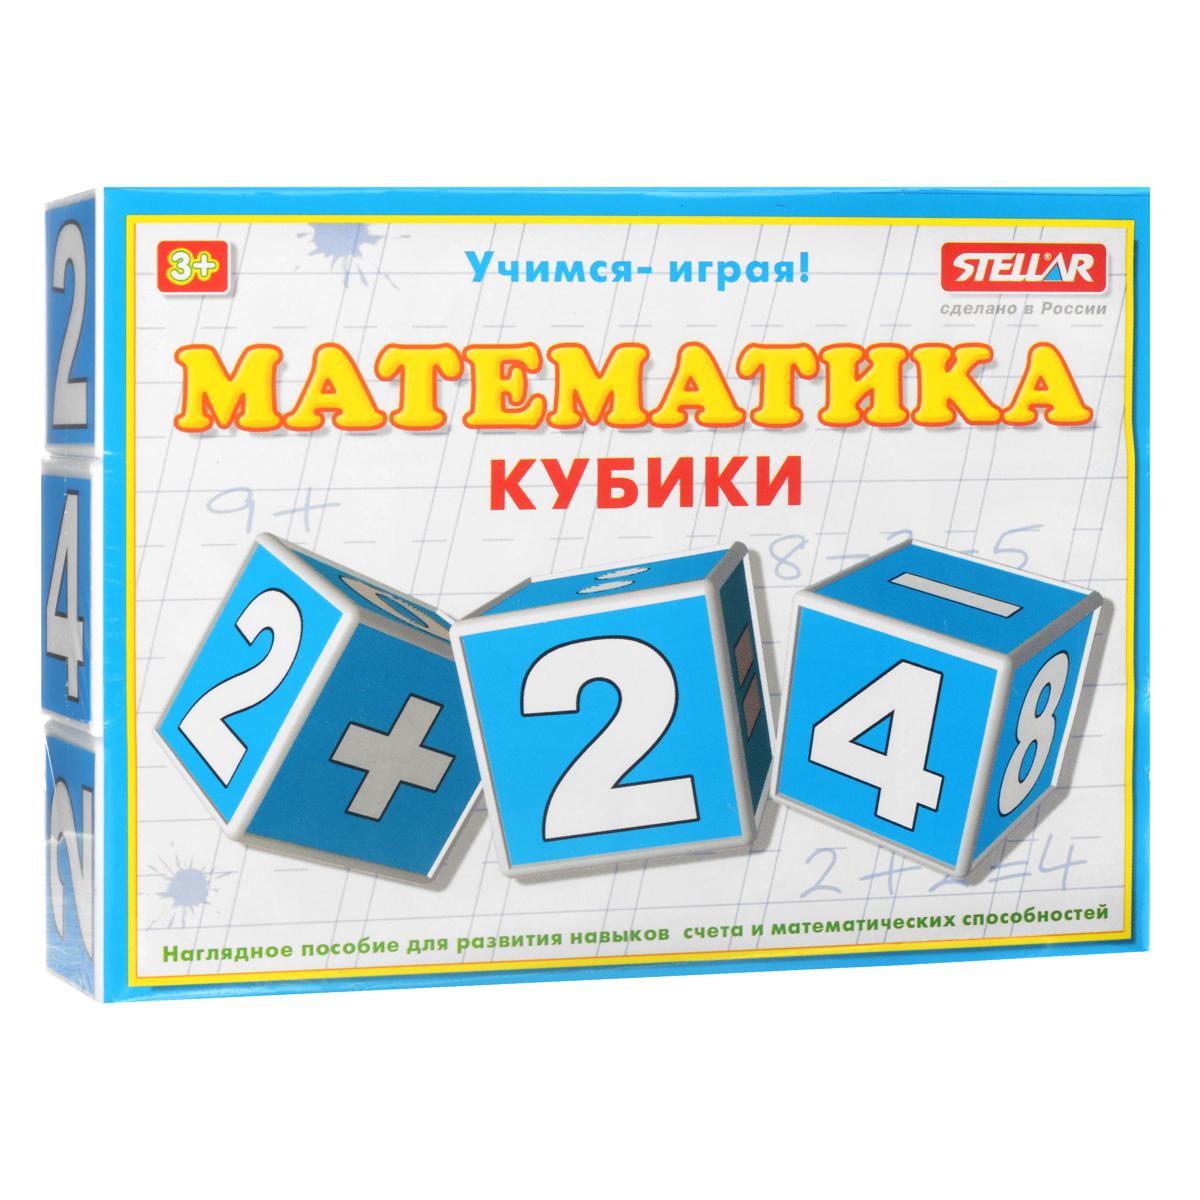 Кубики Stellar Математика, 12 шт00706Кубики Stellar Математика - это замечательное наглядное пособие для развития навыков счета и математических способностей. В набор входят 12 кубиков с изображениями цифр от 0 до 9 и математических знаков. С помощью несложных игр ребенку будет гораздо проще и изучить цифры. Игра с кубиками развивает зрительное восприятие, наблюдательность и внимание, мелкую моторику рук и произвольные движения.